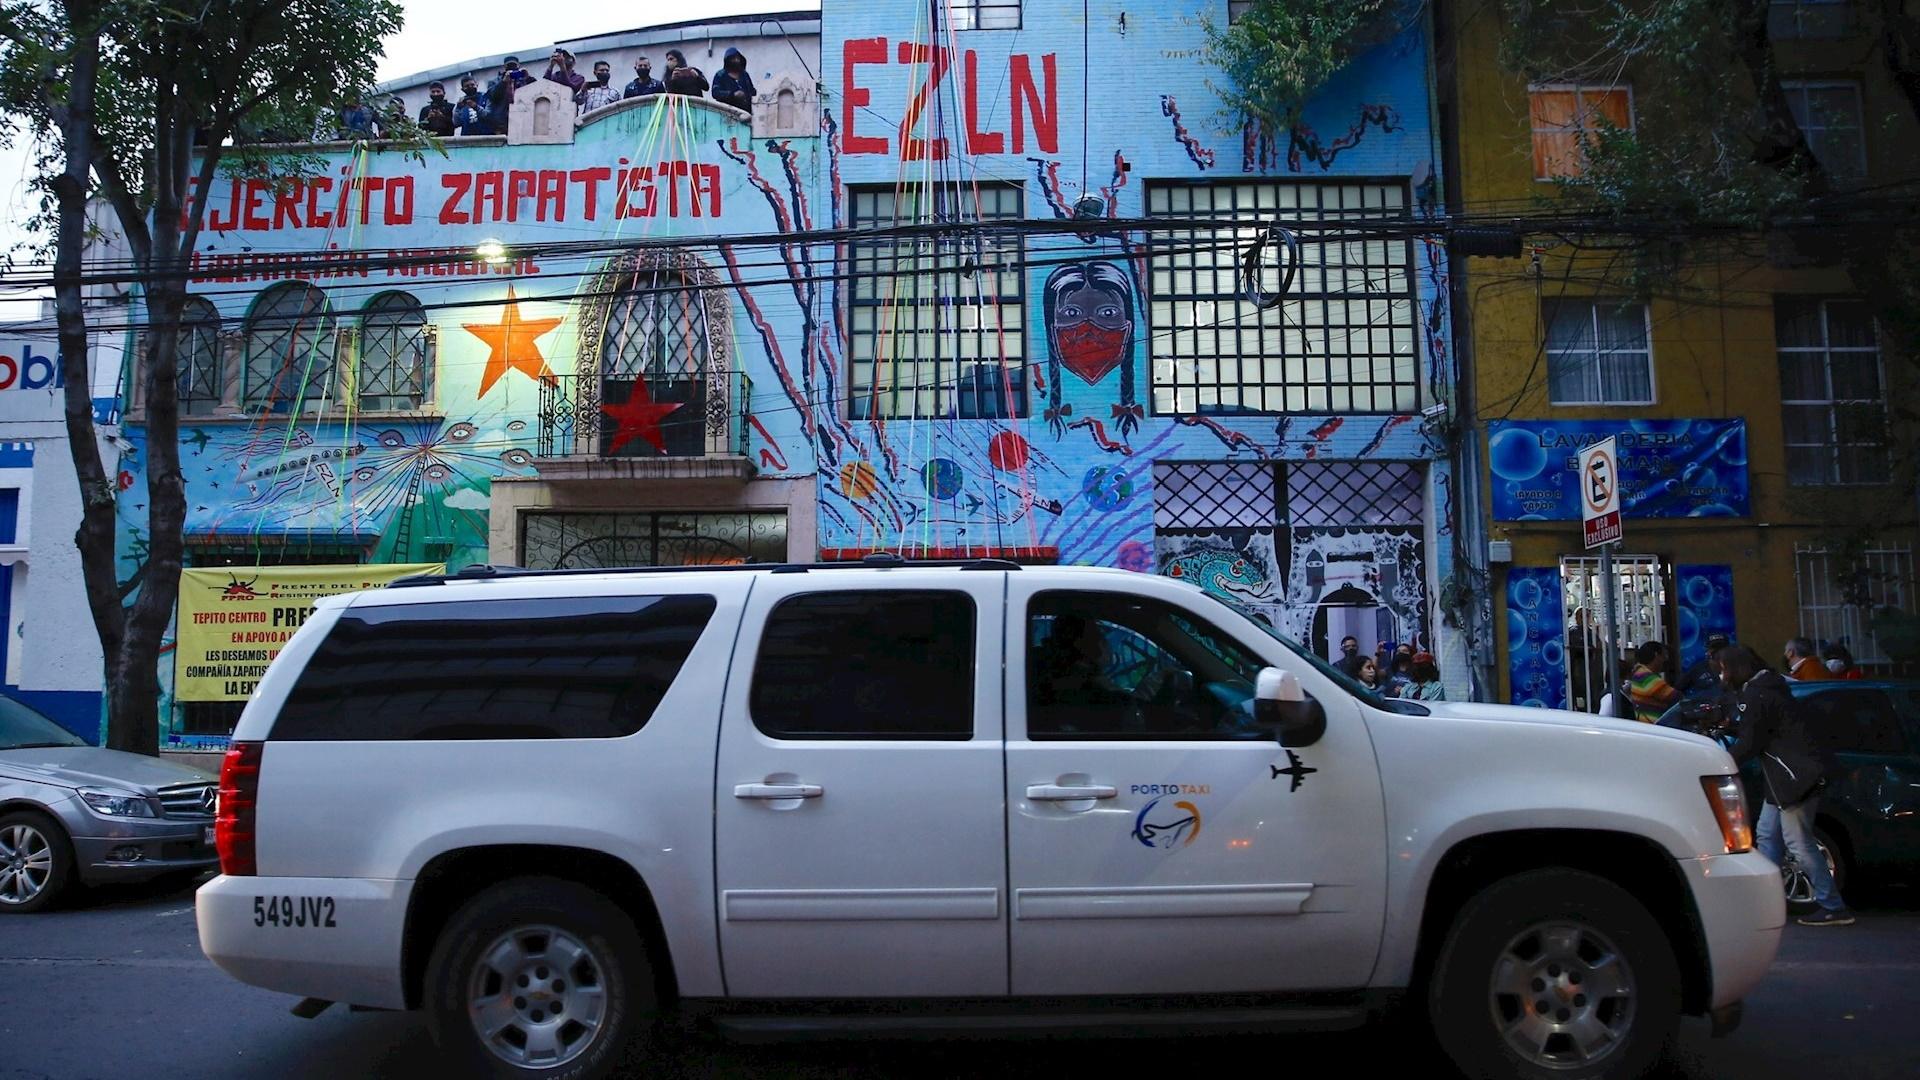 México zapatistas EZLN Europa 2